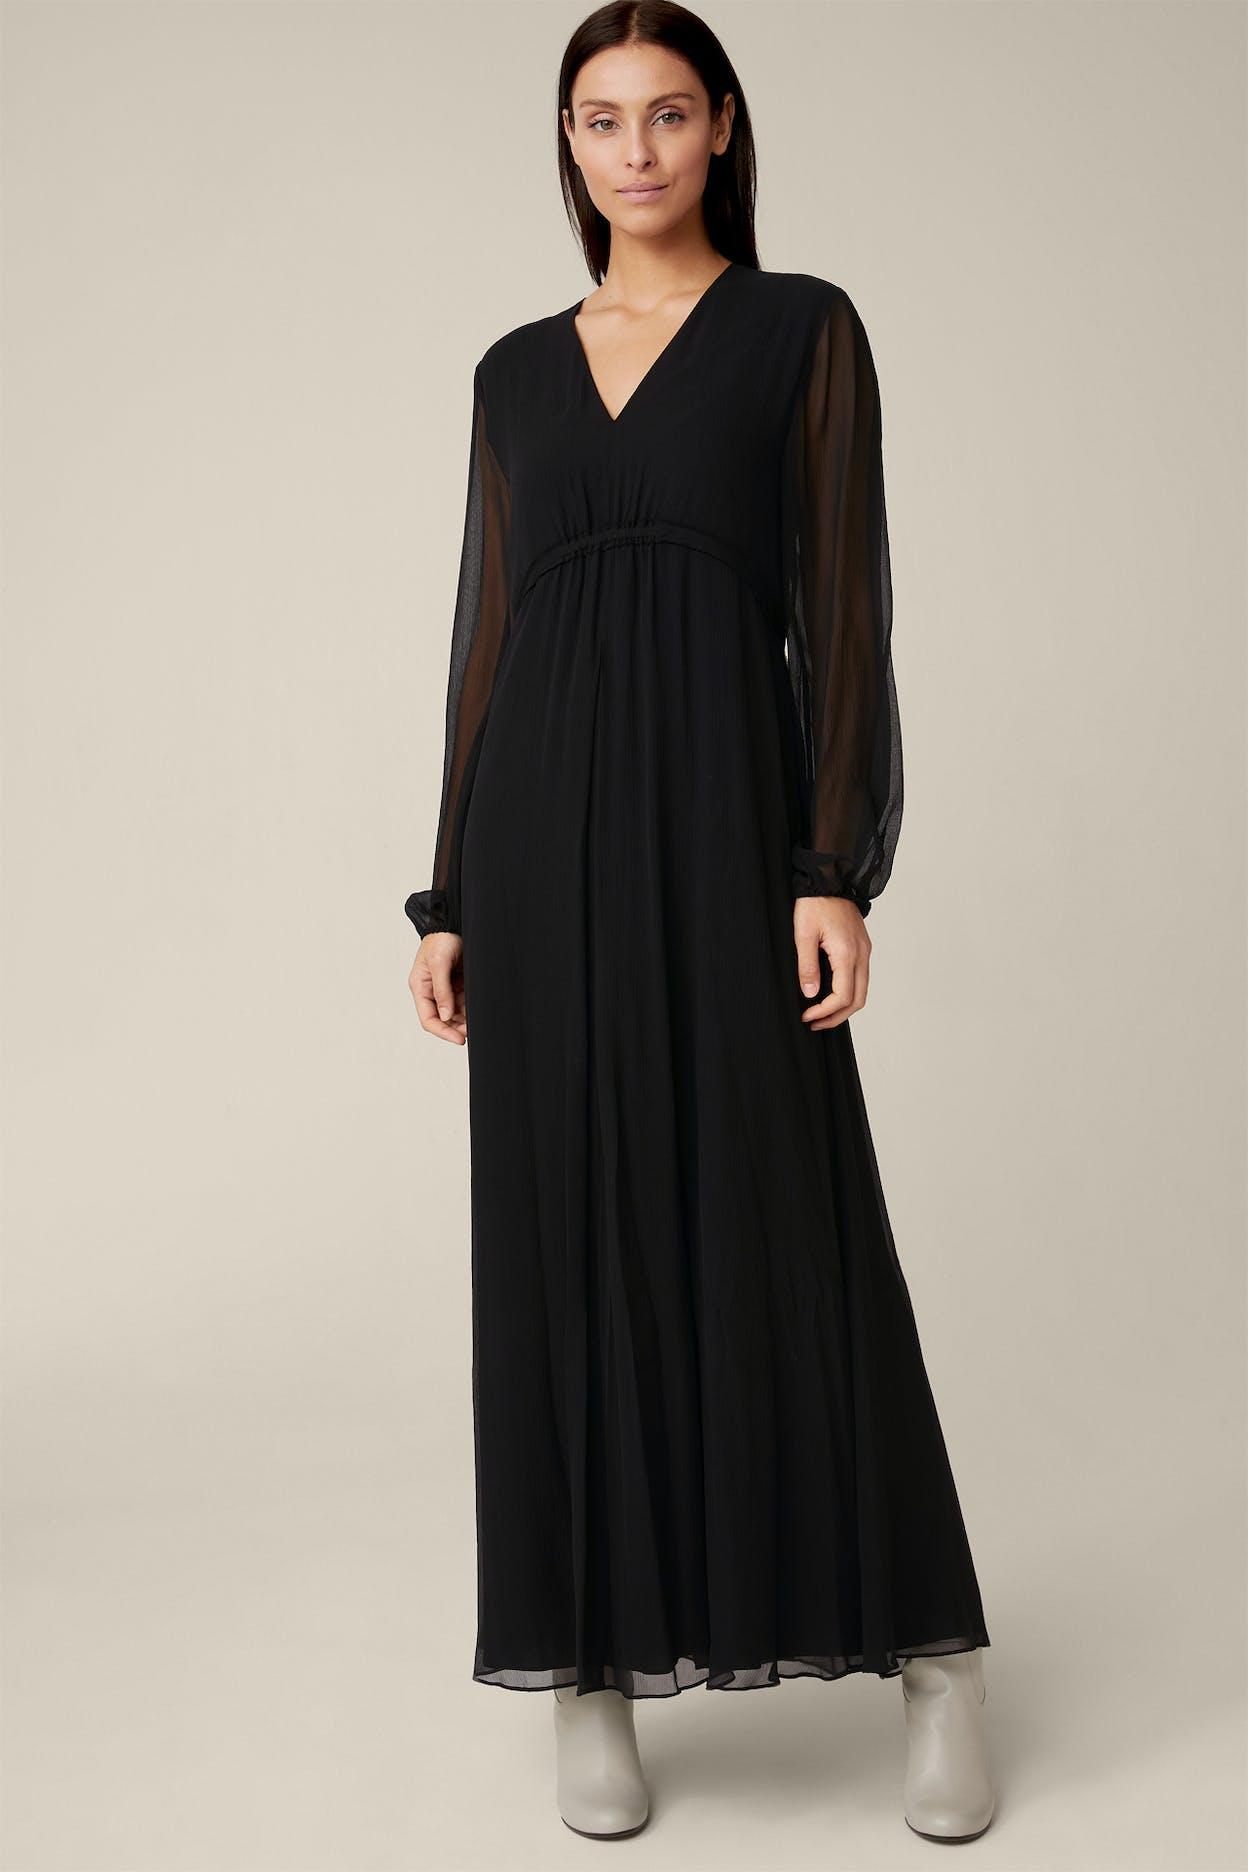 Seiden-Kleid in Maxi-Länge mit tiefem V-Ausschnitt in Schwarz